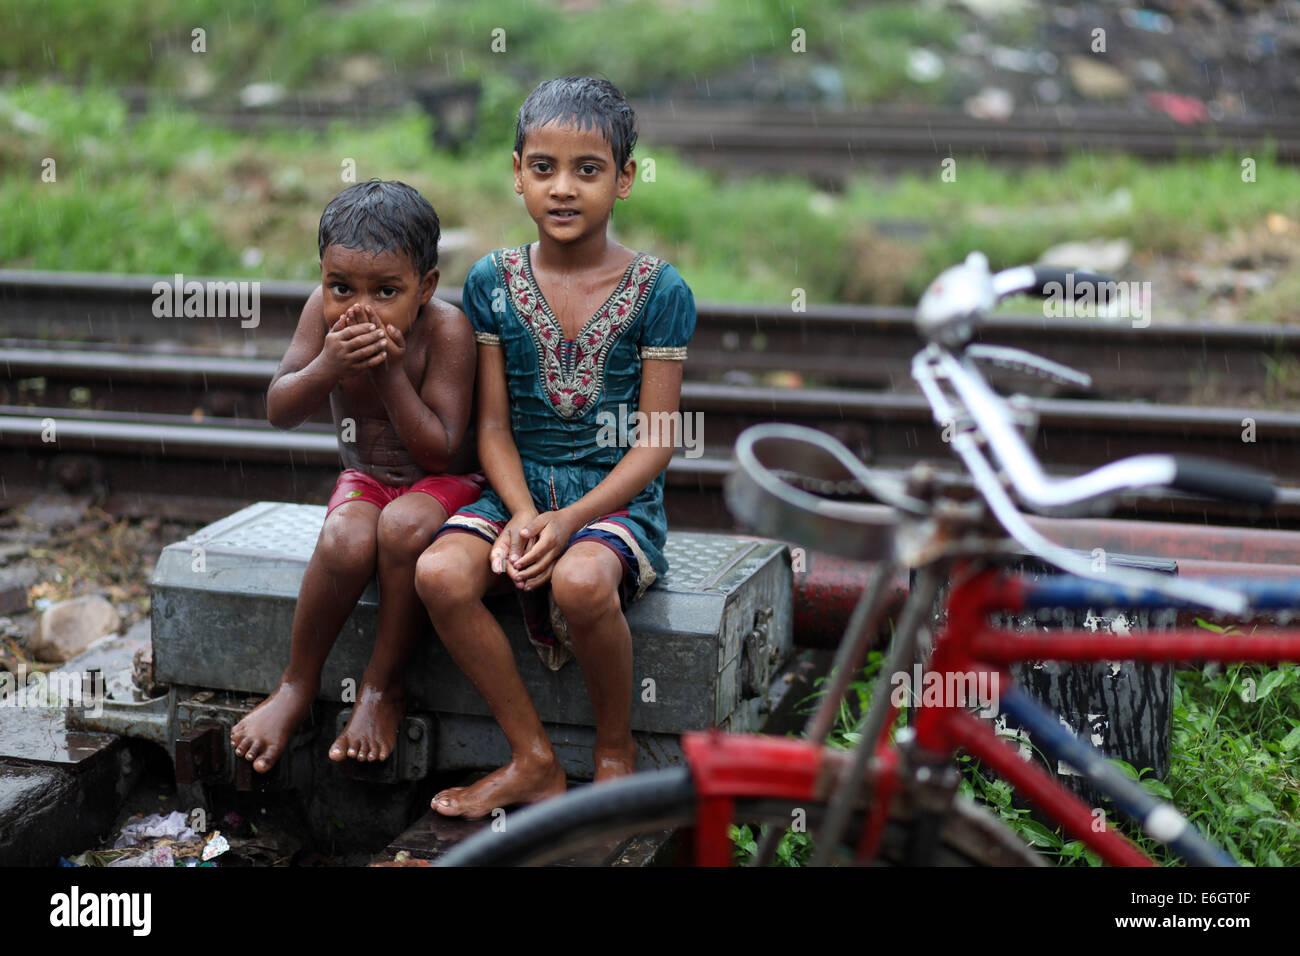 Dhaka, Bangladesch. 23. August 2014. Slum Kinder genießen Regen in ...